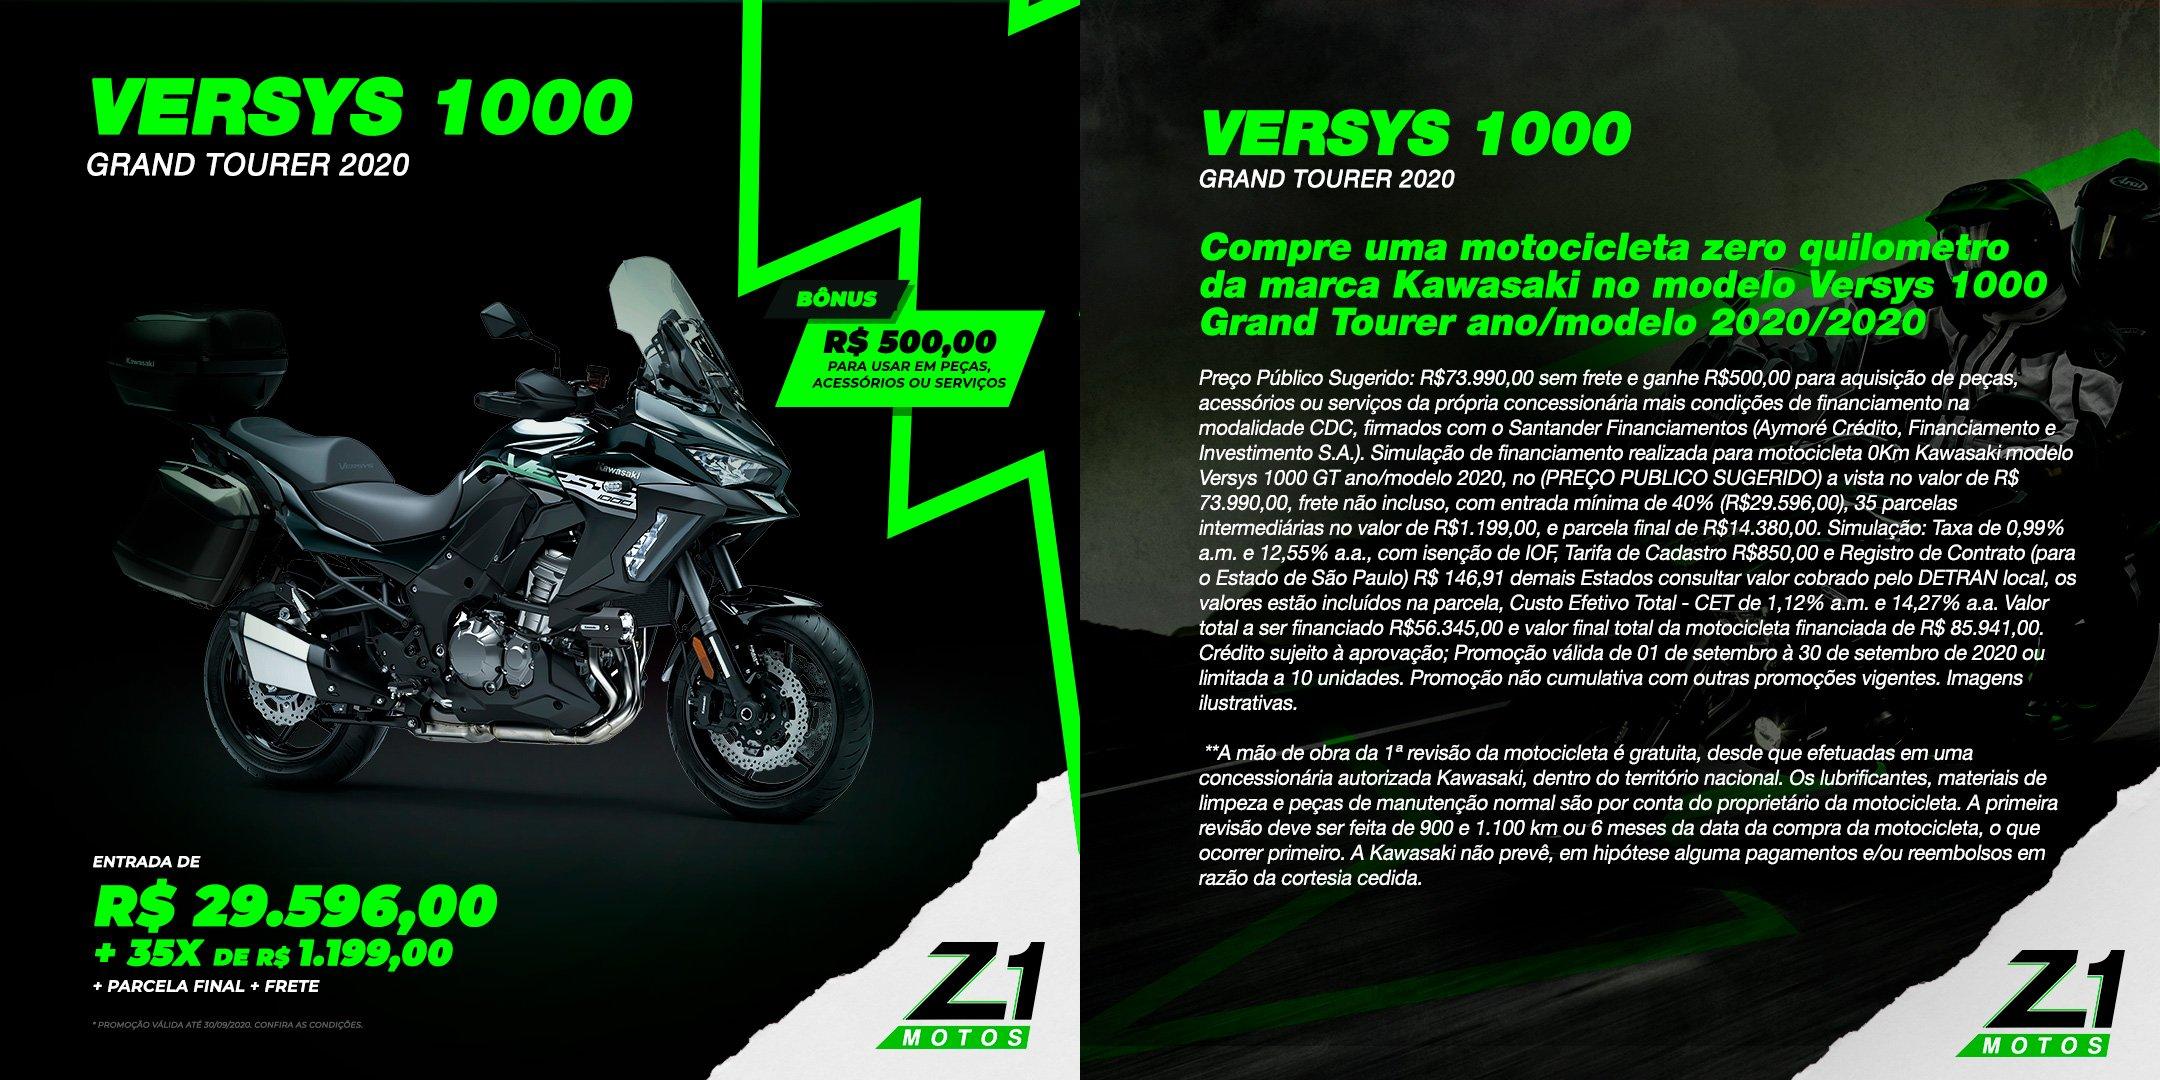 Versys 1000 Grand Tourer 2020